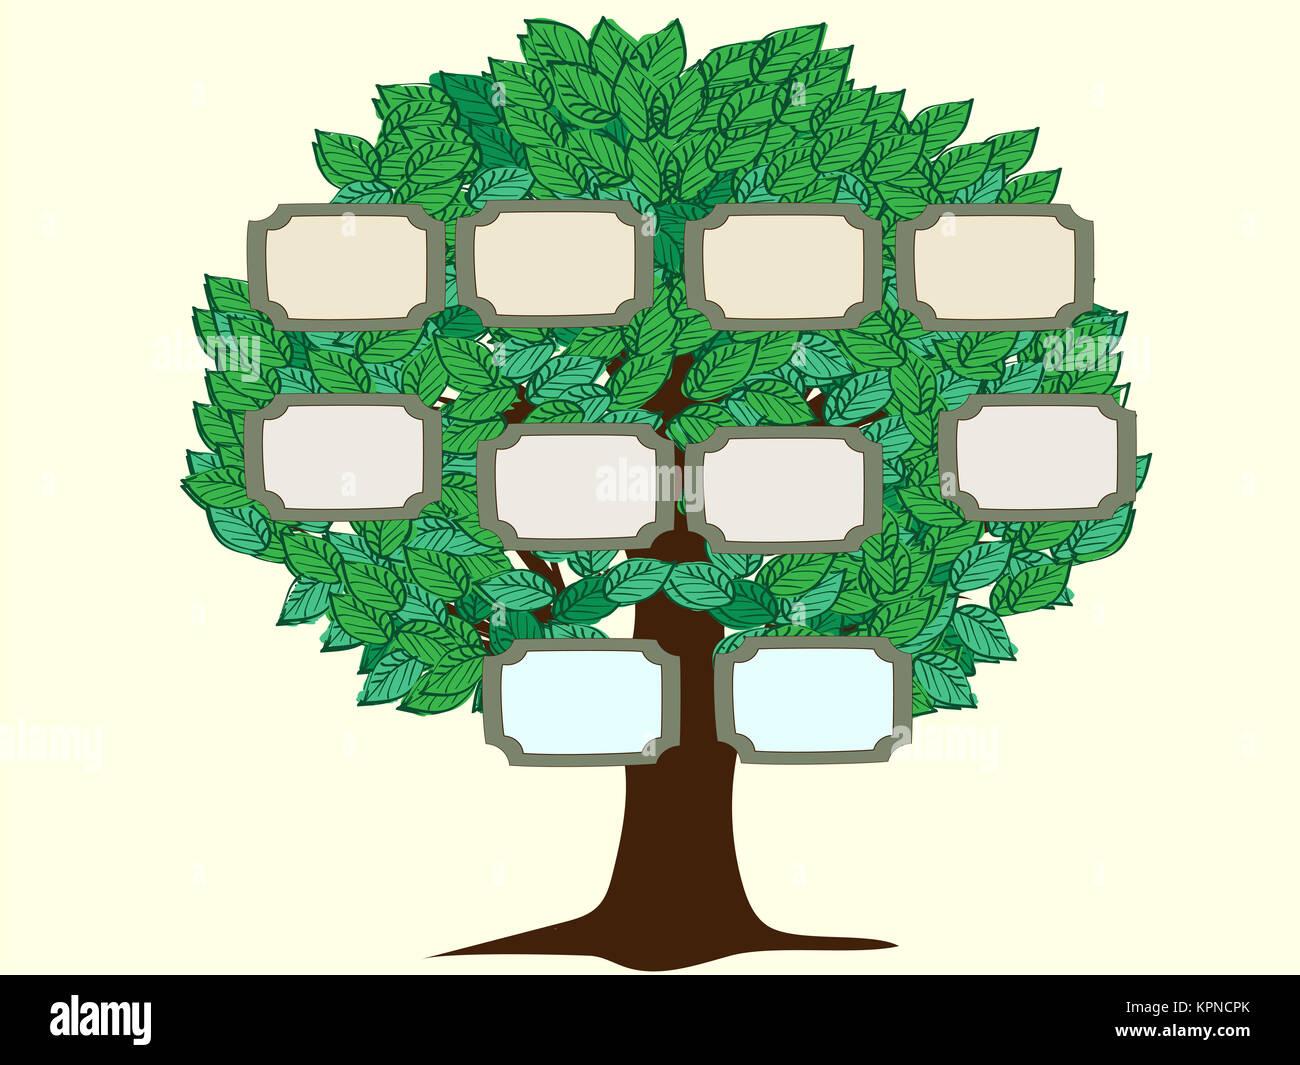 Family Tree Vector Template Stock Photos Amp Family Tree